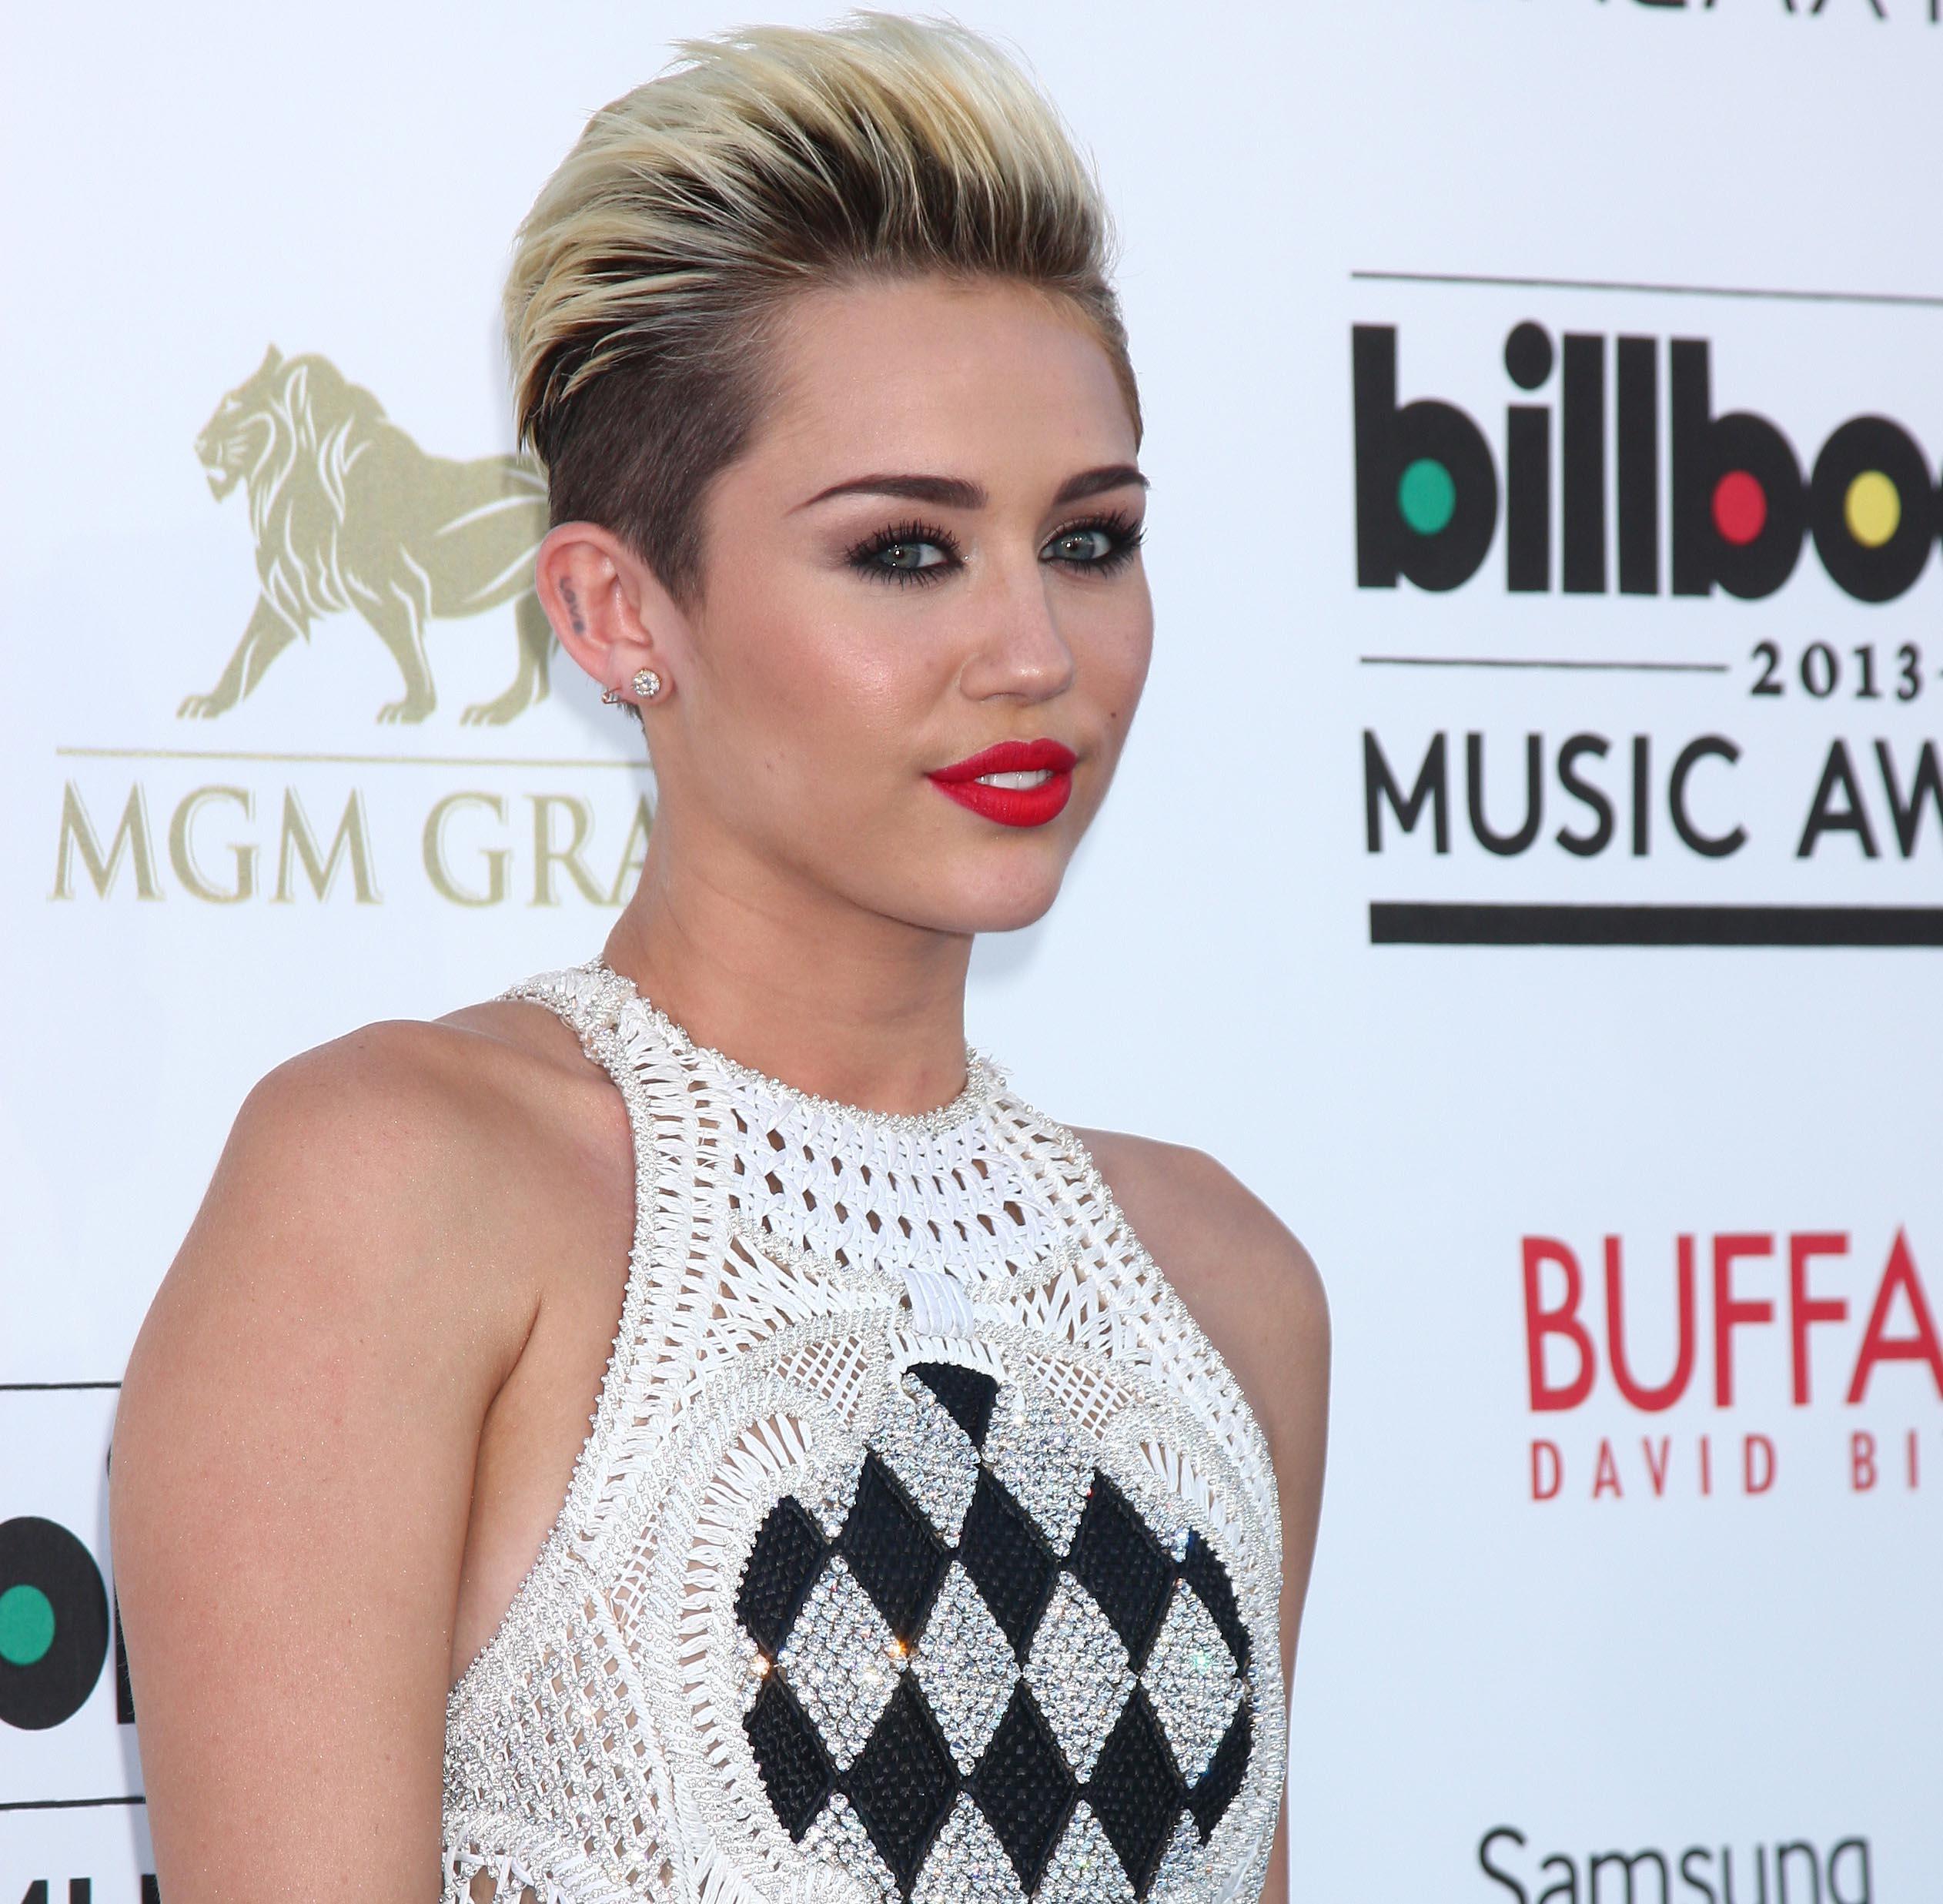 Onsmakelijke hoax over Miley Cyrus